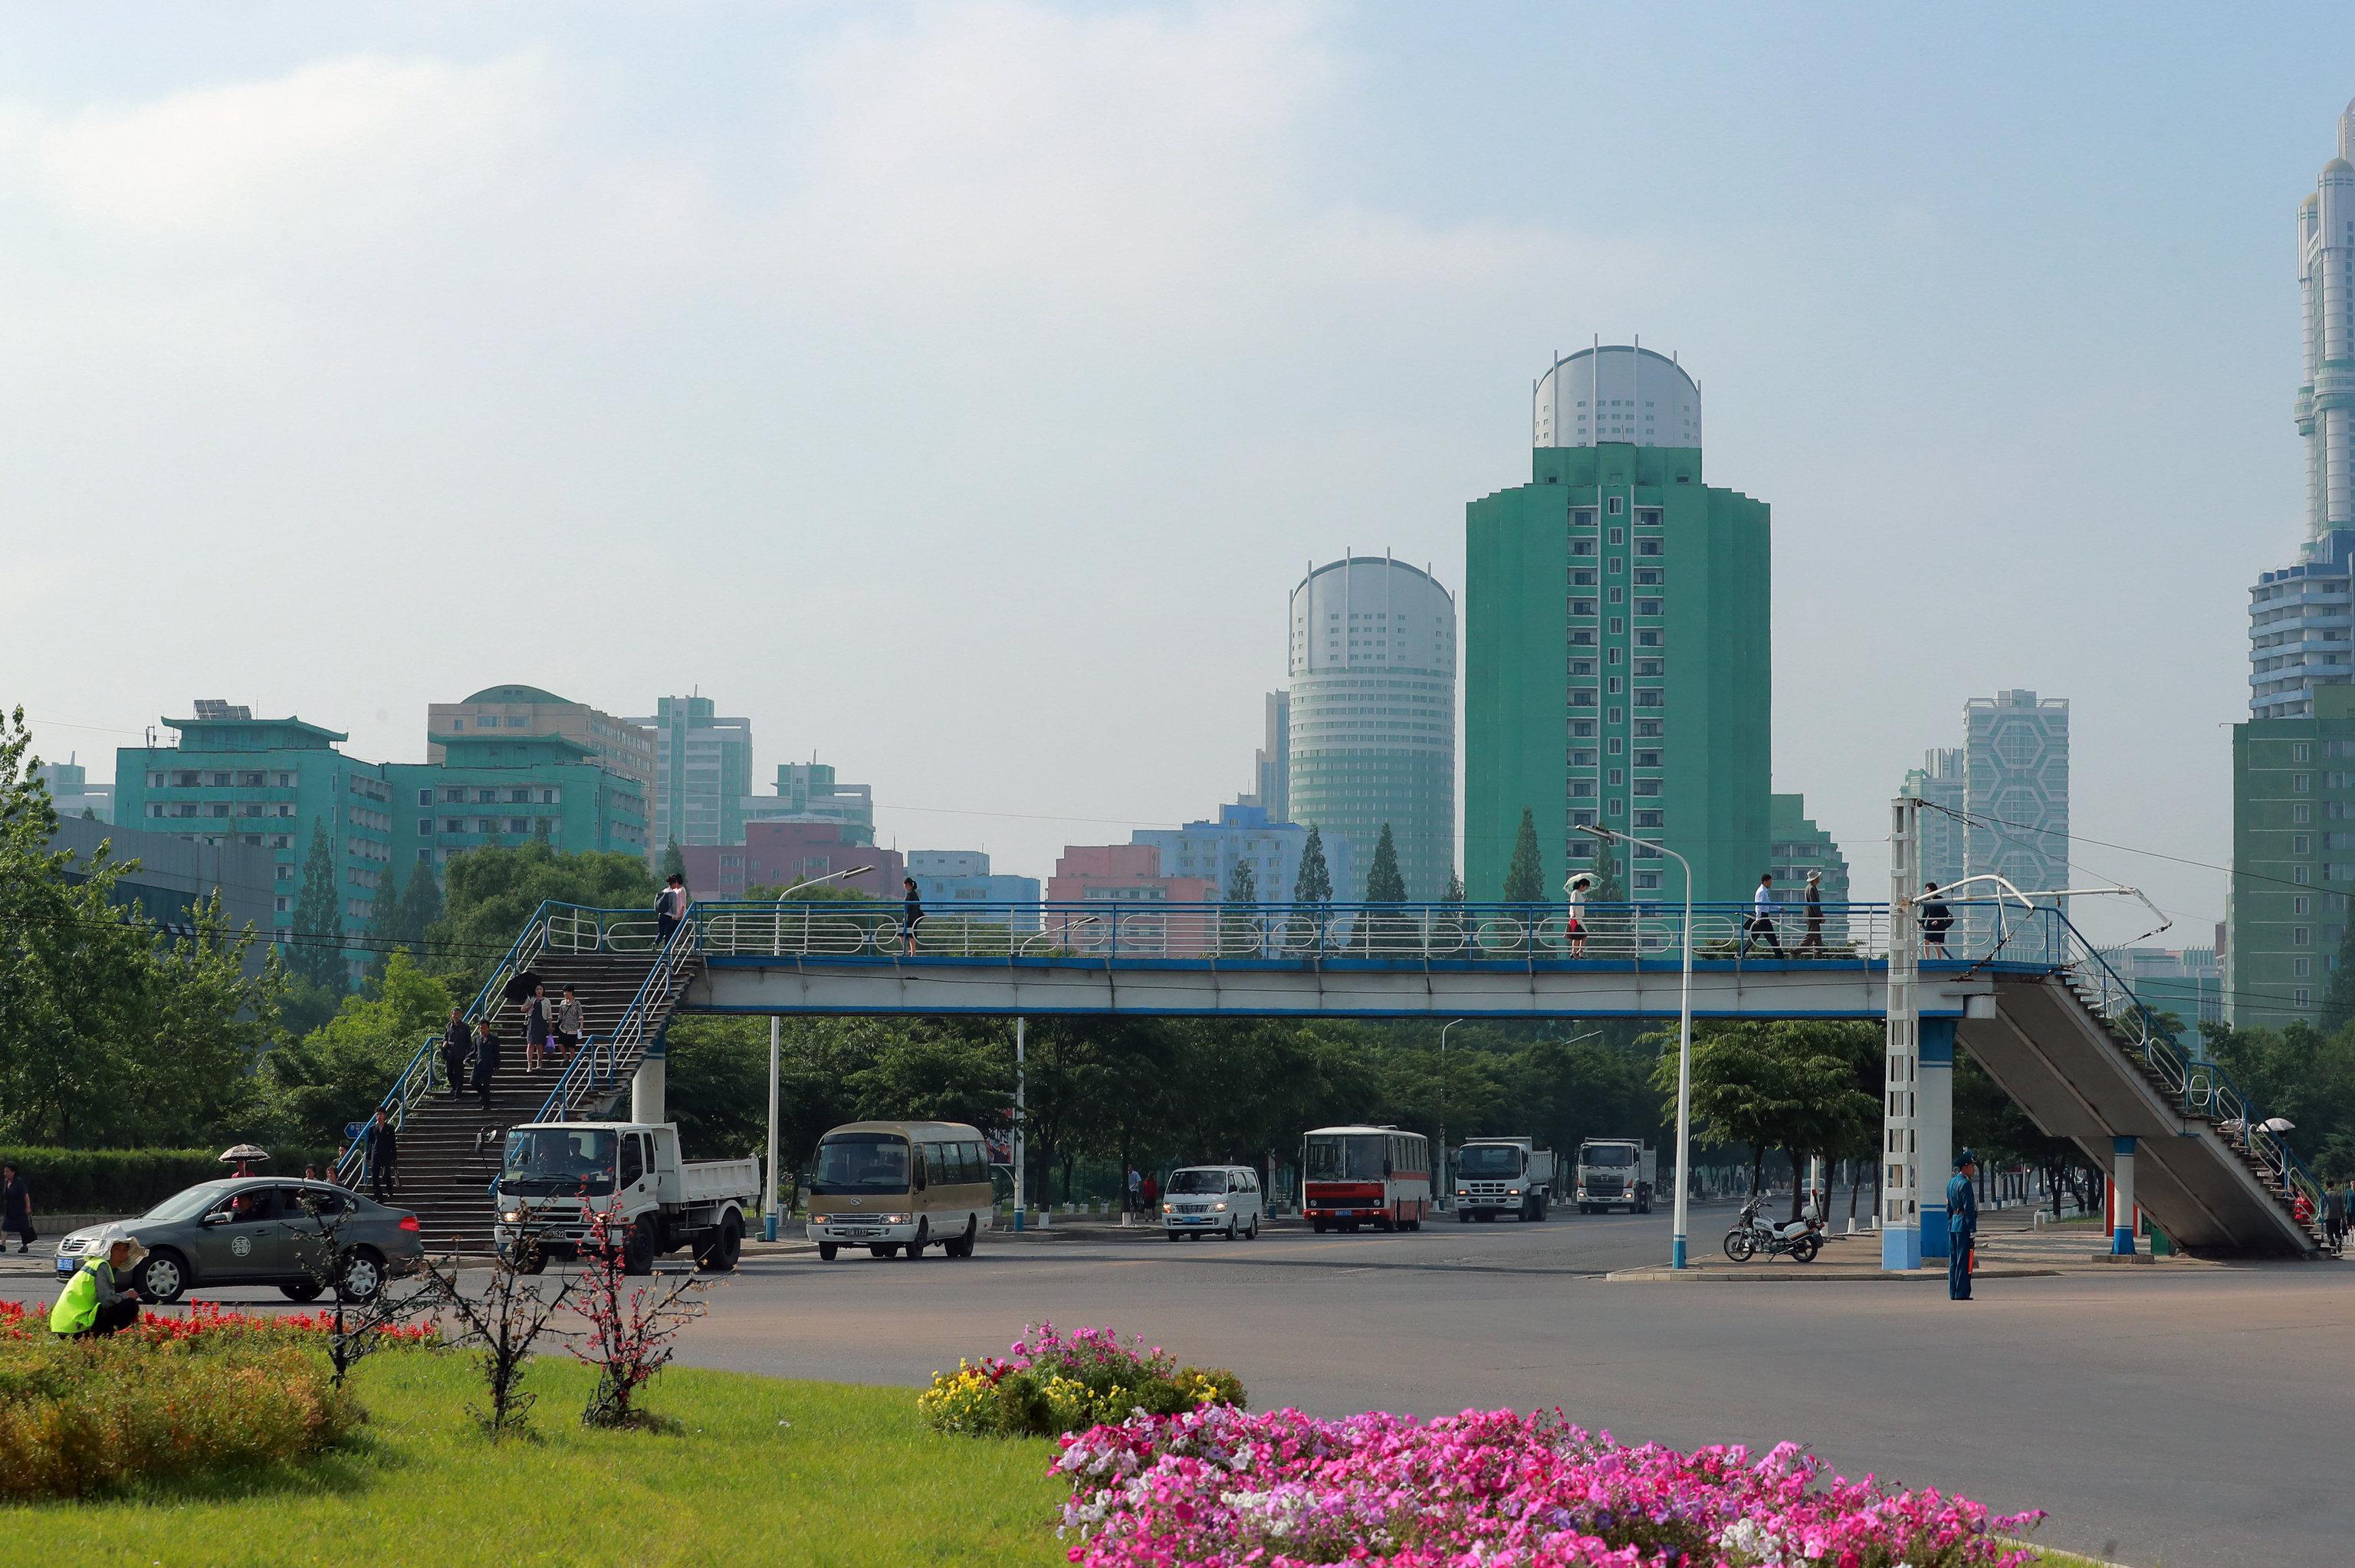 Génération Kim Jong-un: comment vivent les jeunes Nord-Coréens?